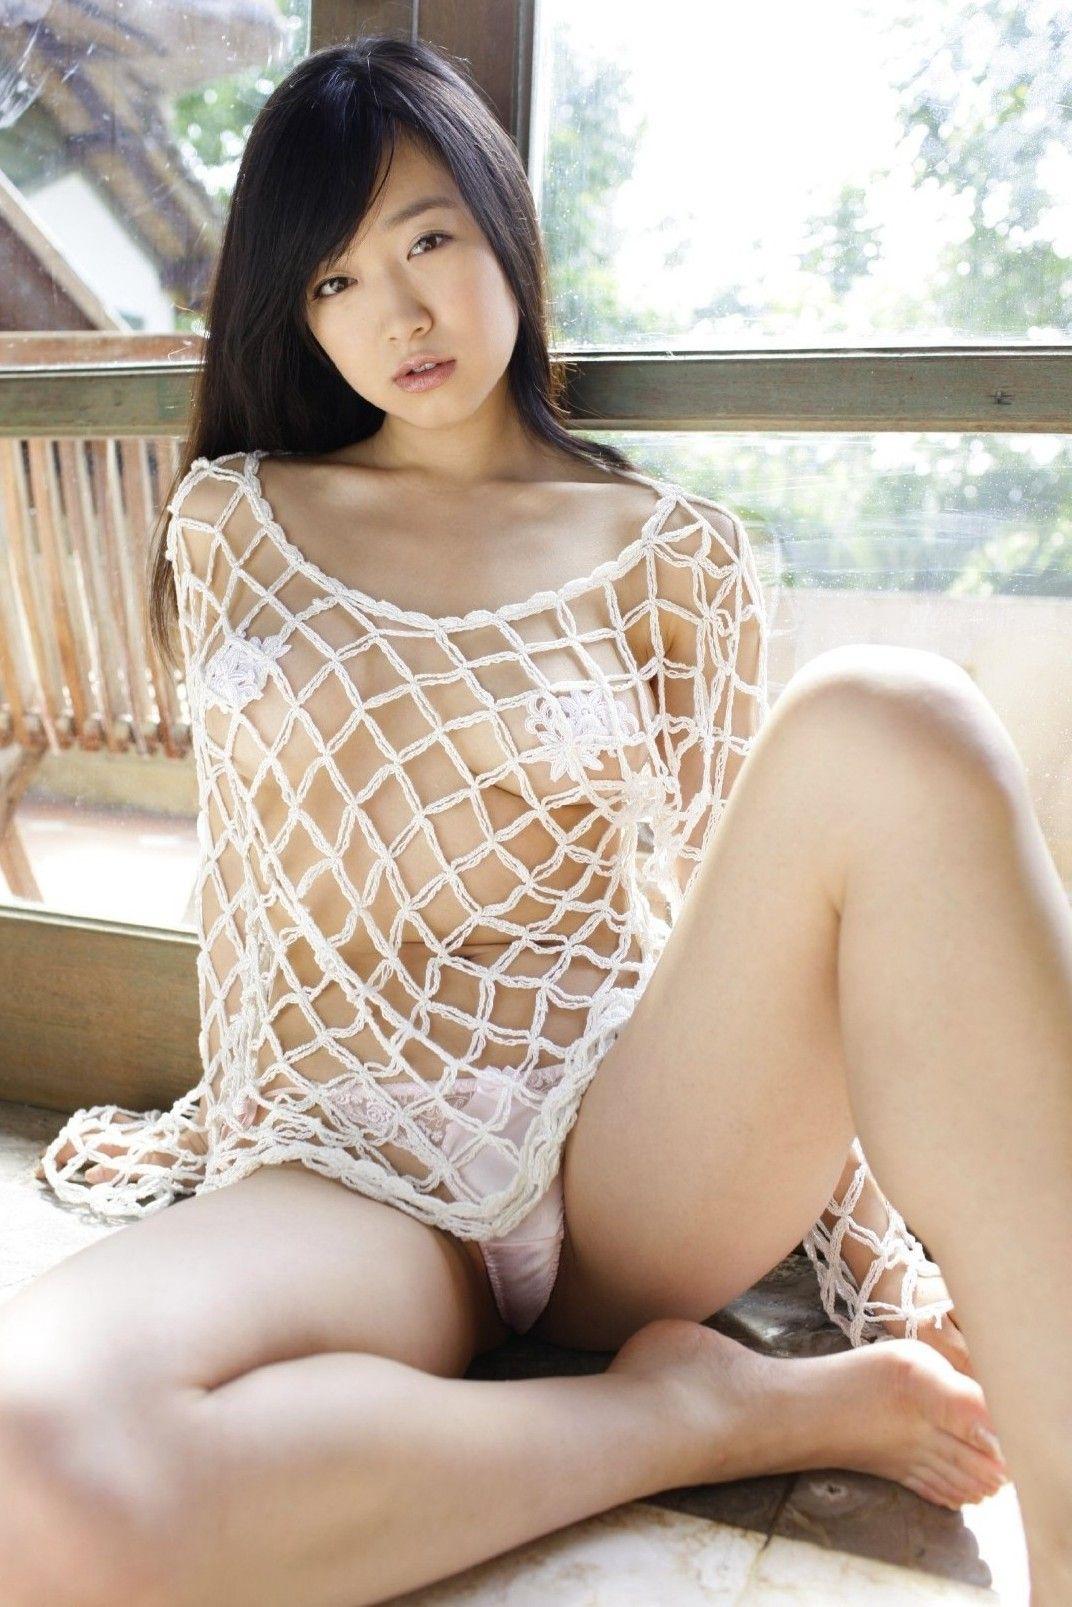 kokone sasaki | Kokone Sasaki 佐々木心音 | Pinterest | Fish nets